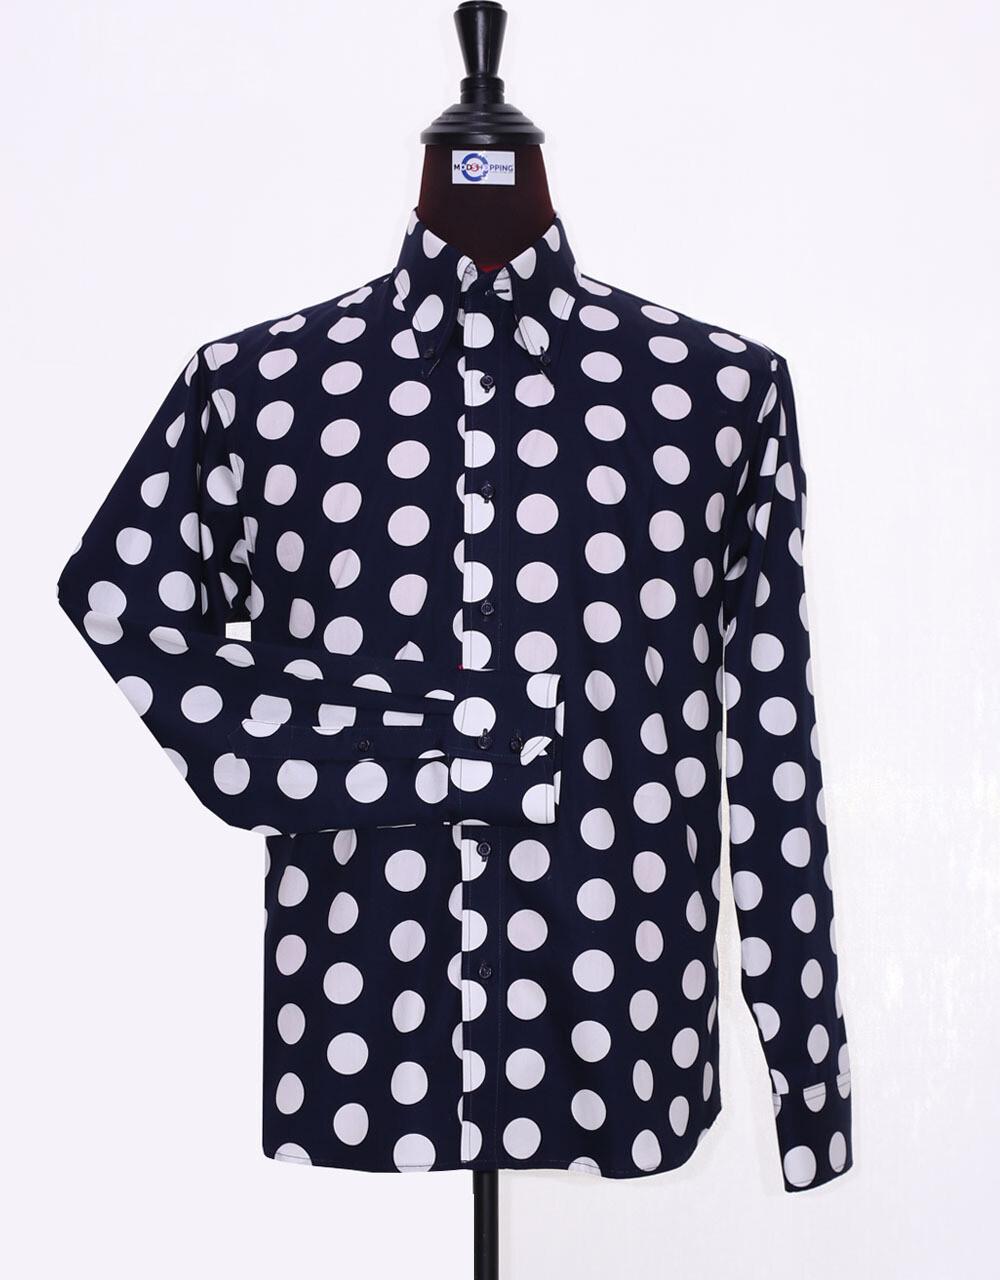 Mod Shirt   Large Dark Navy Blue Polka Dot Shirt